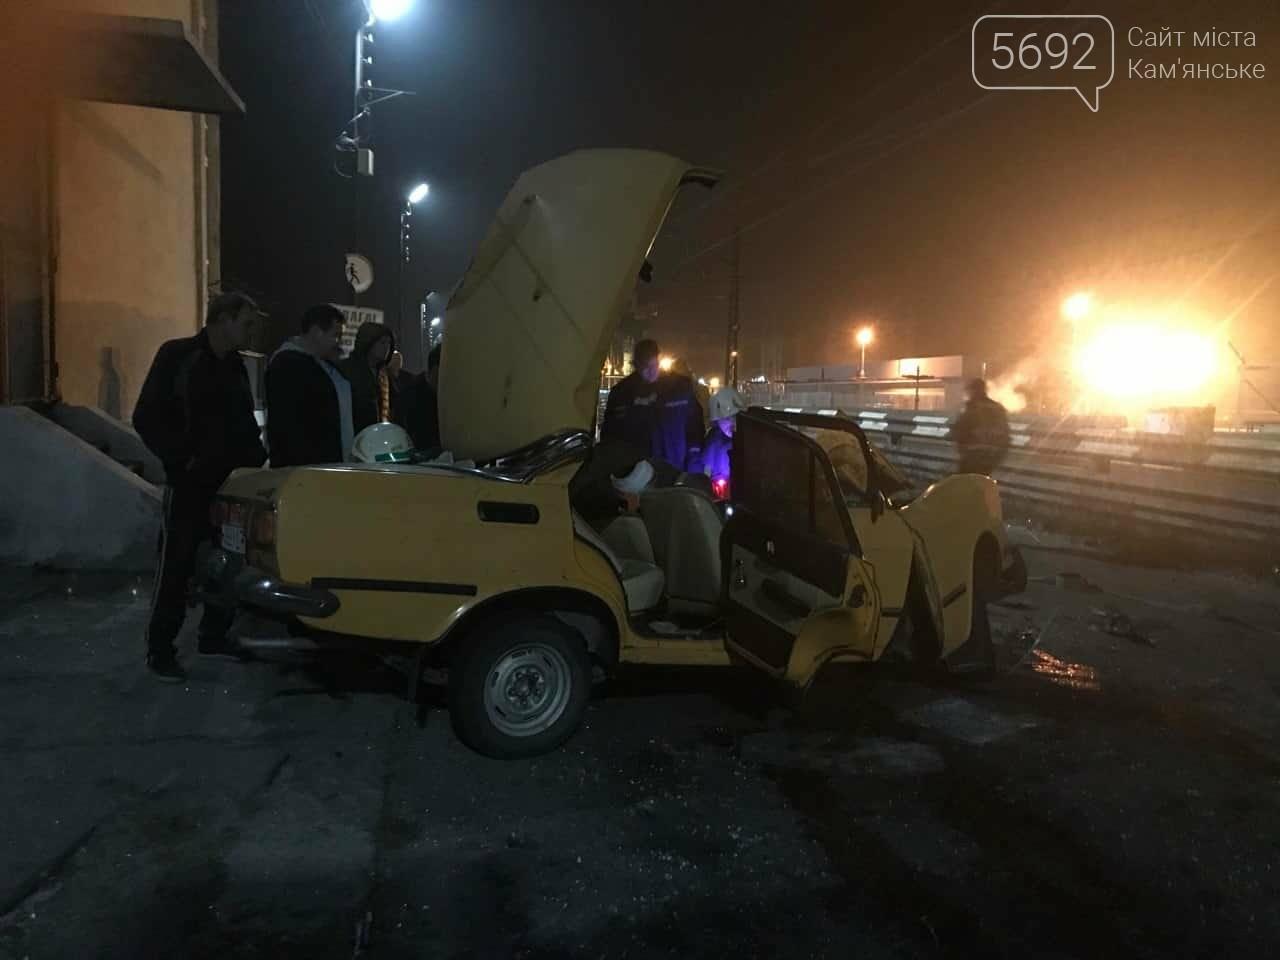 В Каменском на плотине произошло жесткое ДТП: пострадавшего из автомобиля вырезали спасатели, фото-1